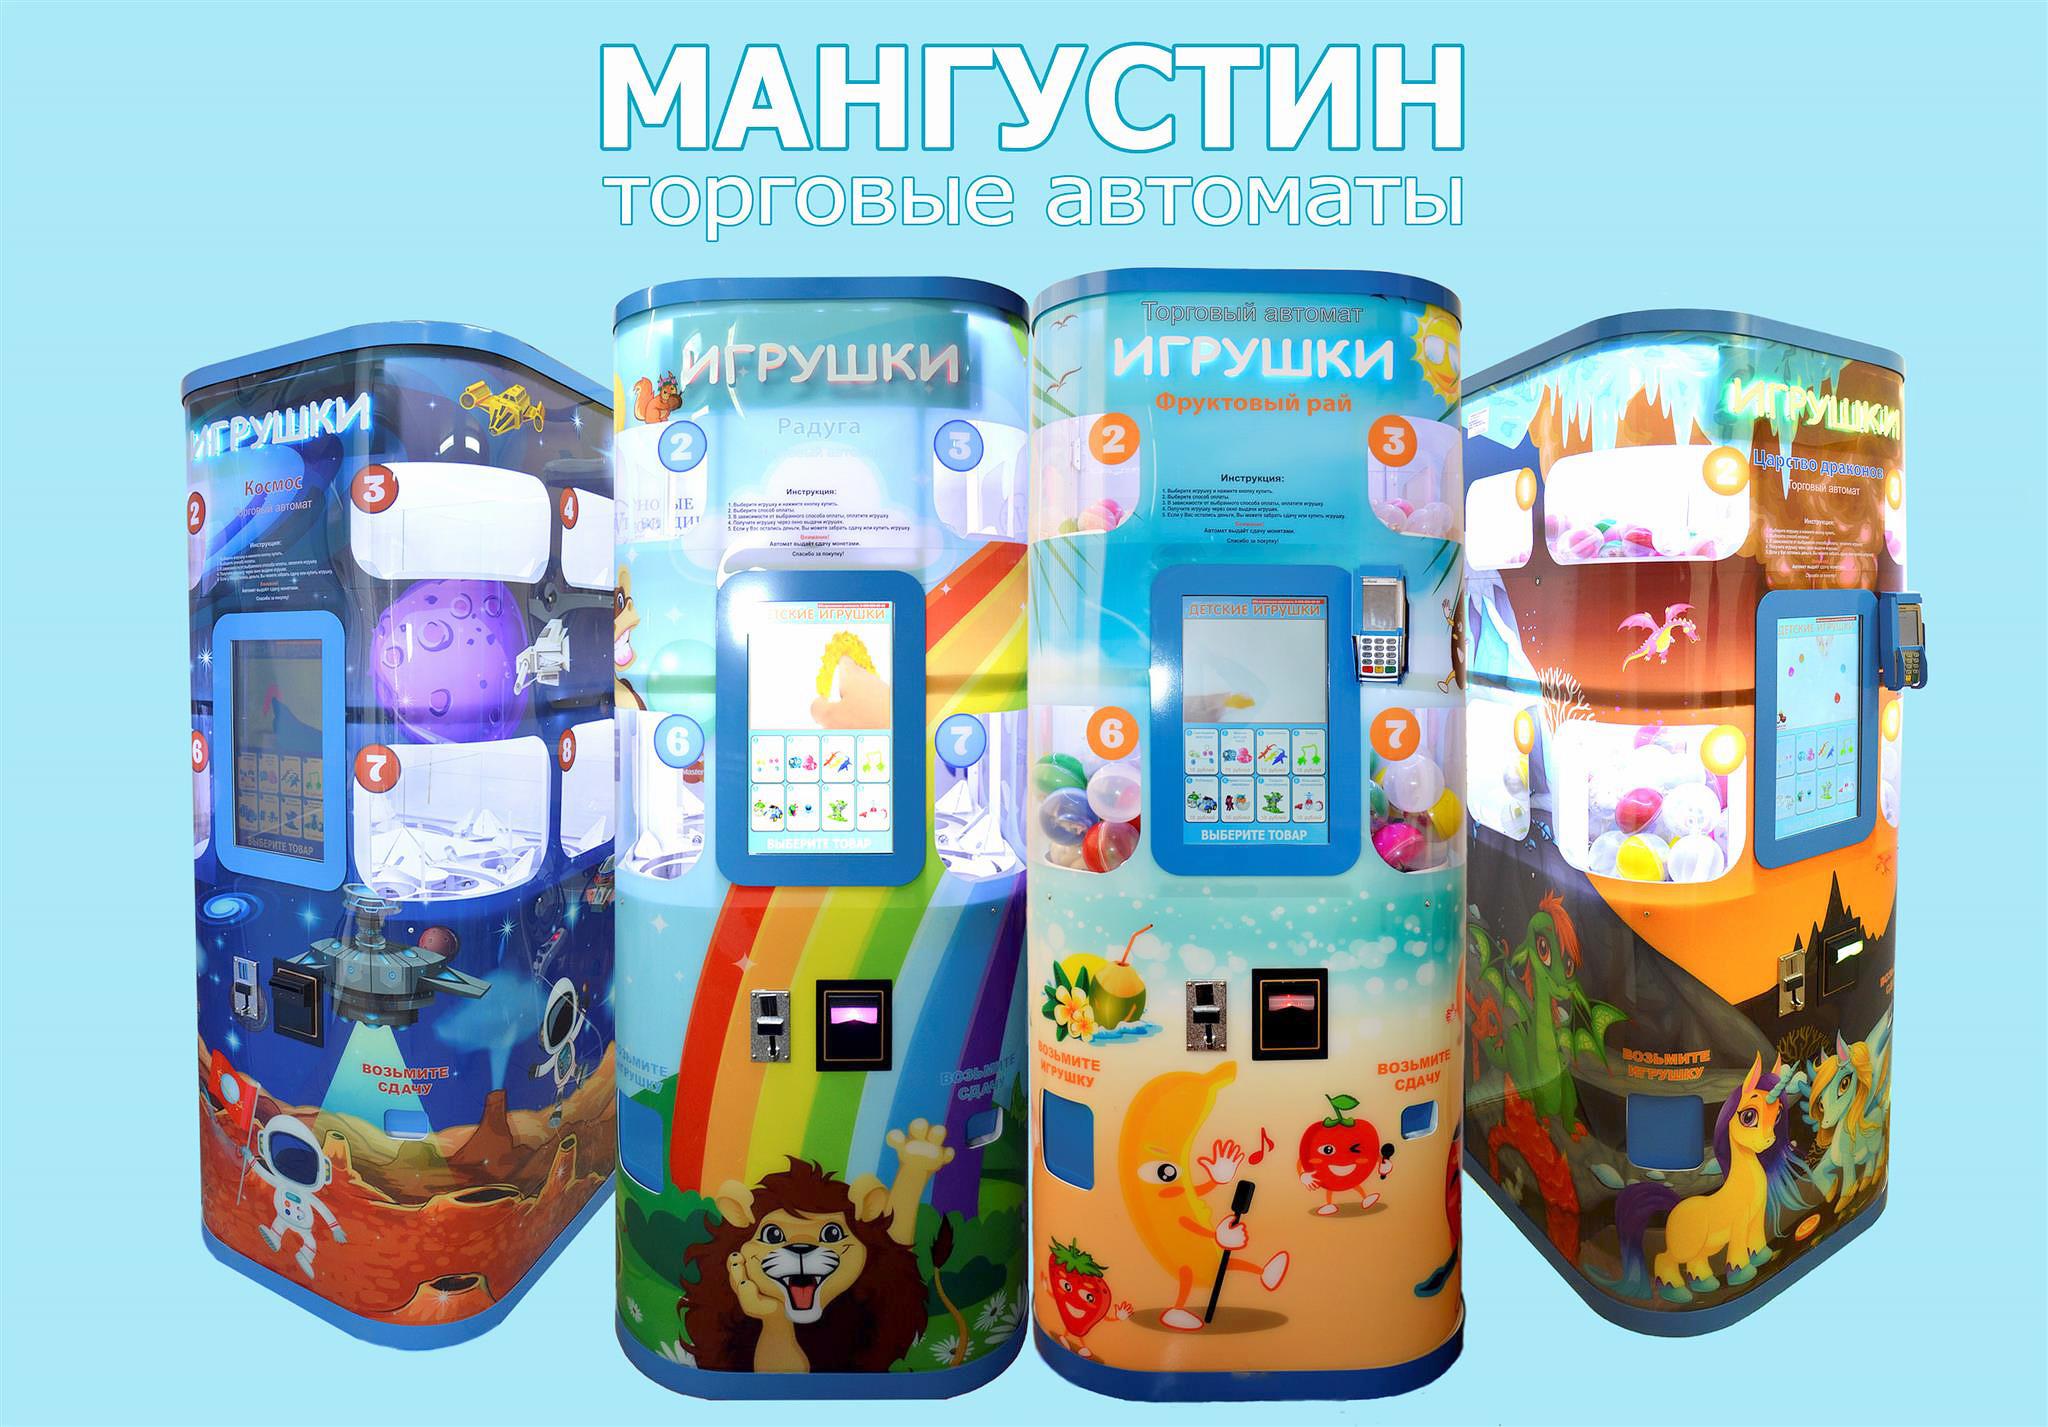 Образцы торговых автоматов